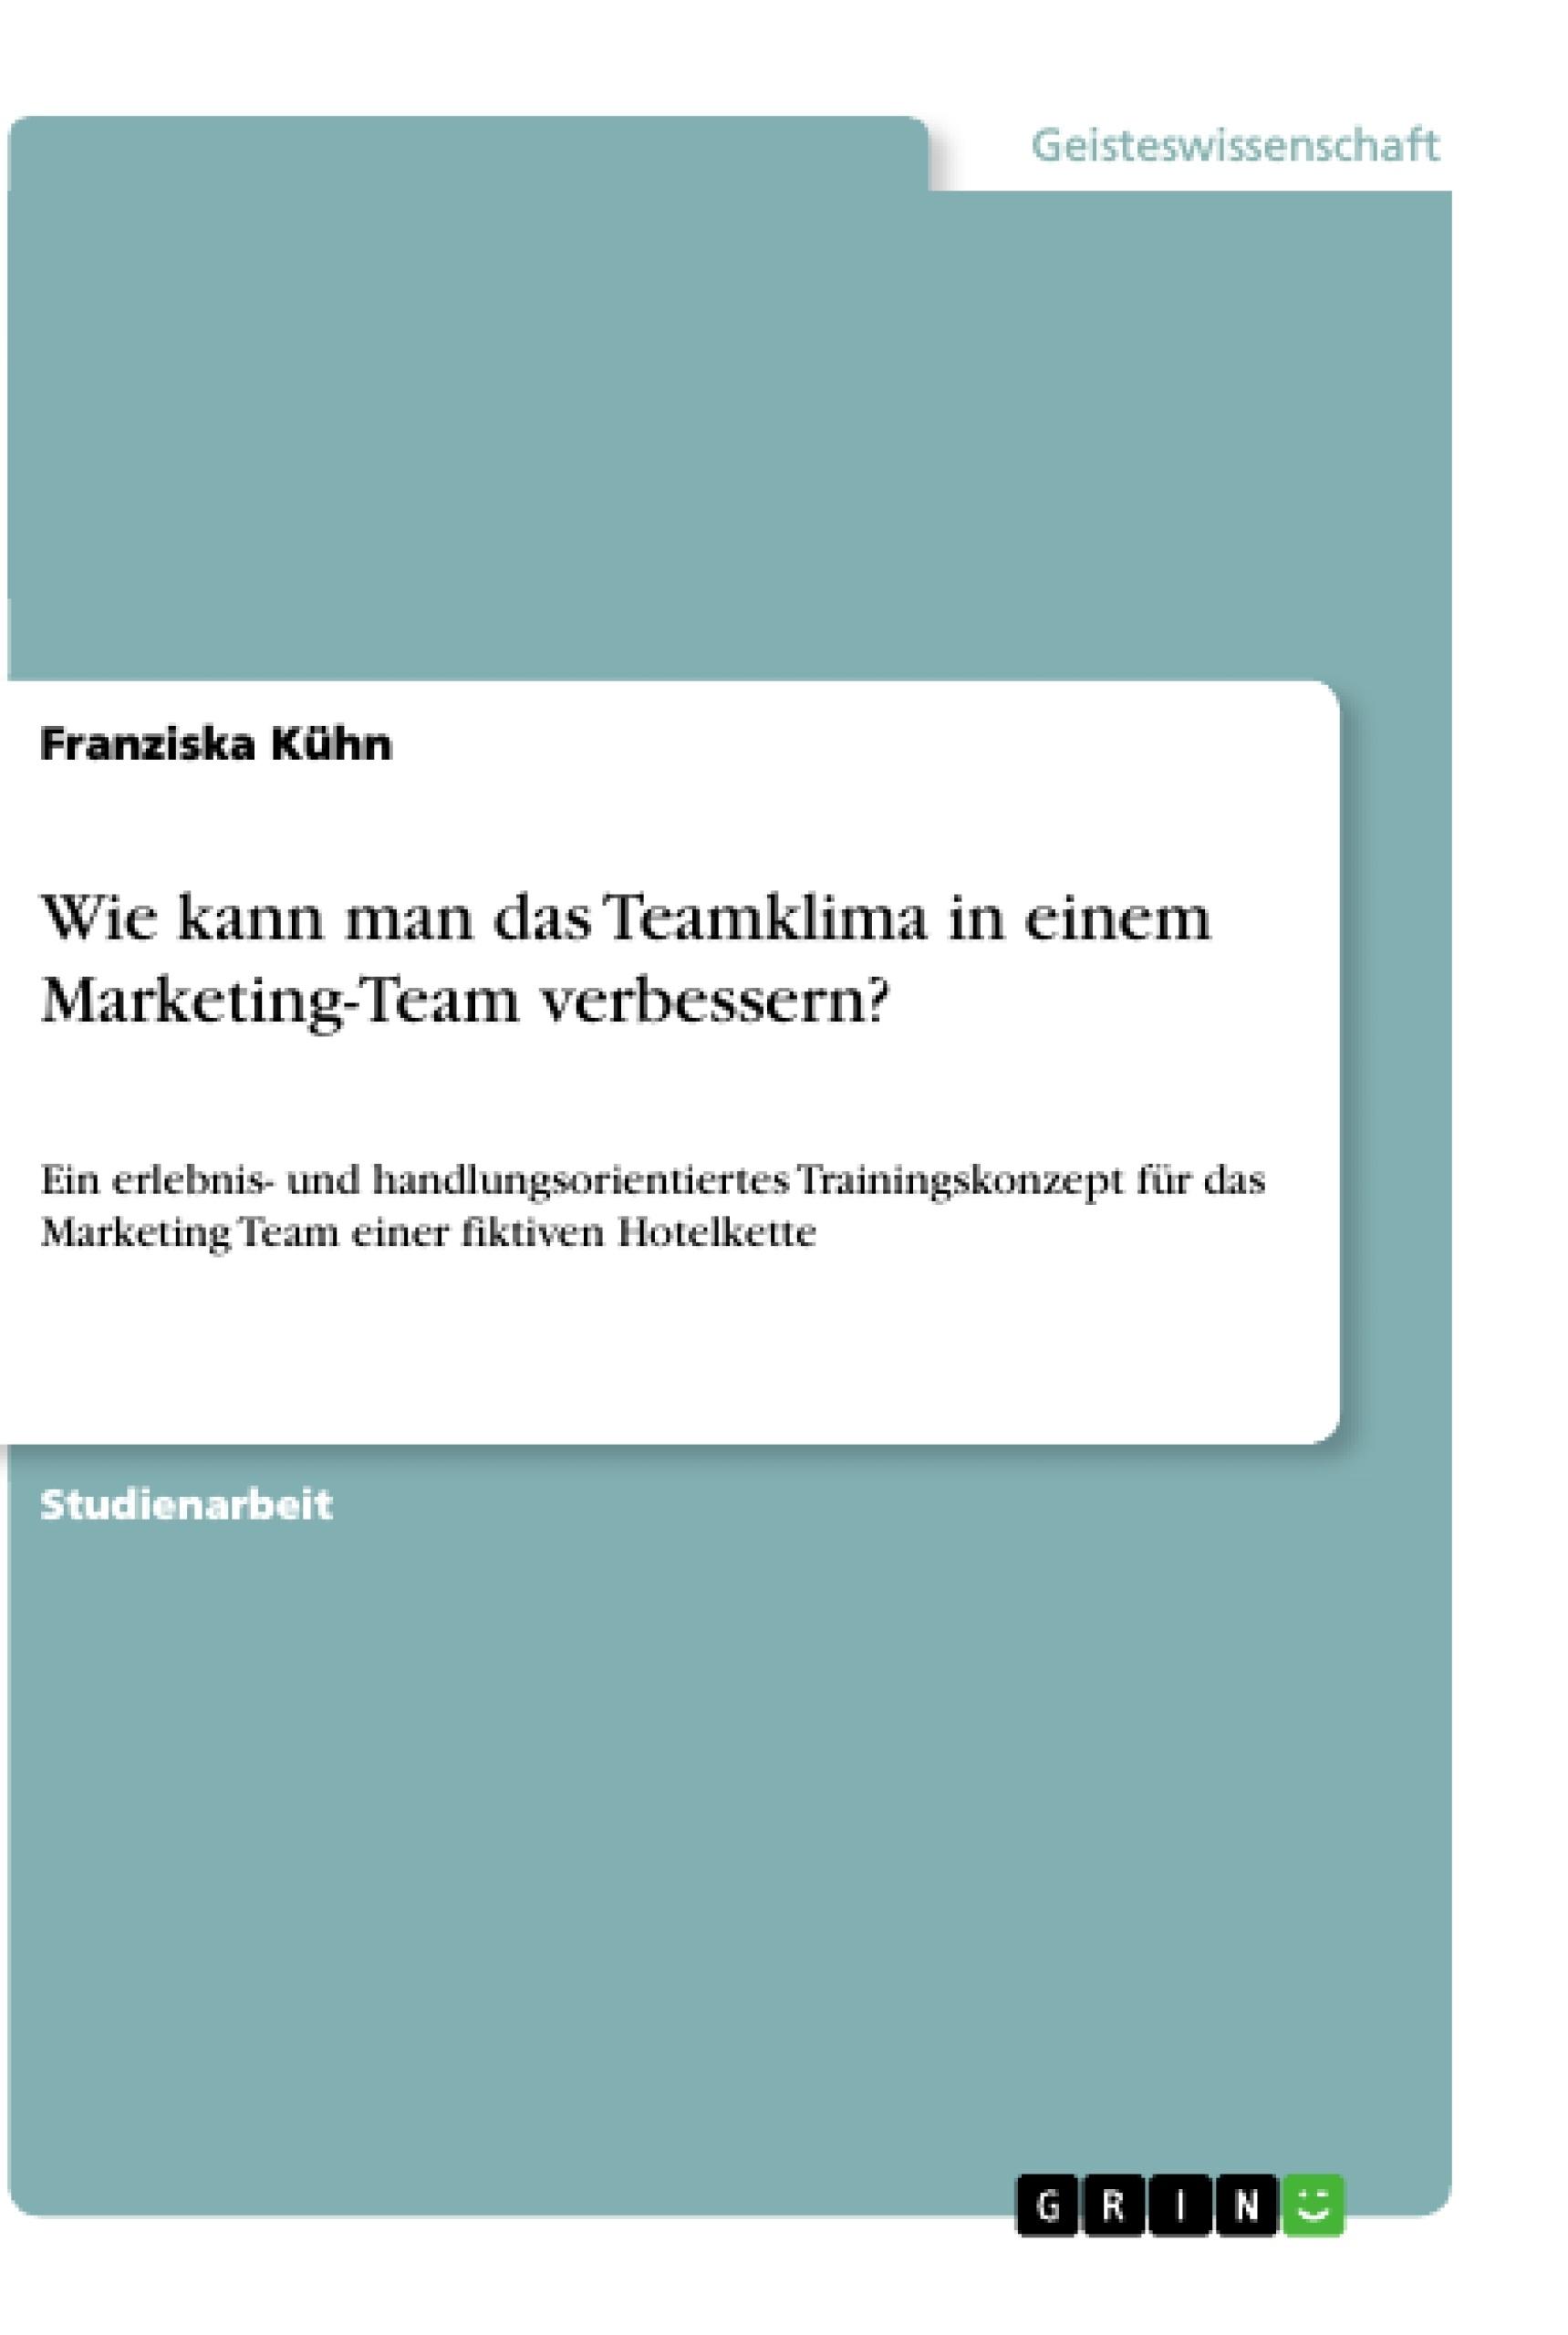 Titel: Wie kann man das Teamklima in einem Marketing-Team verbessern?